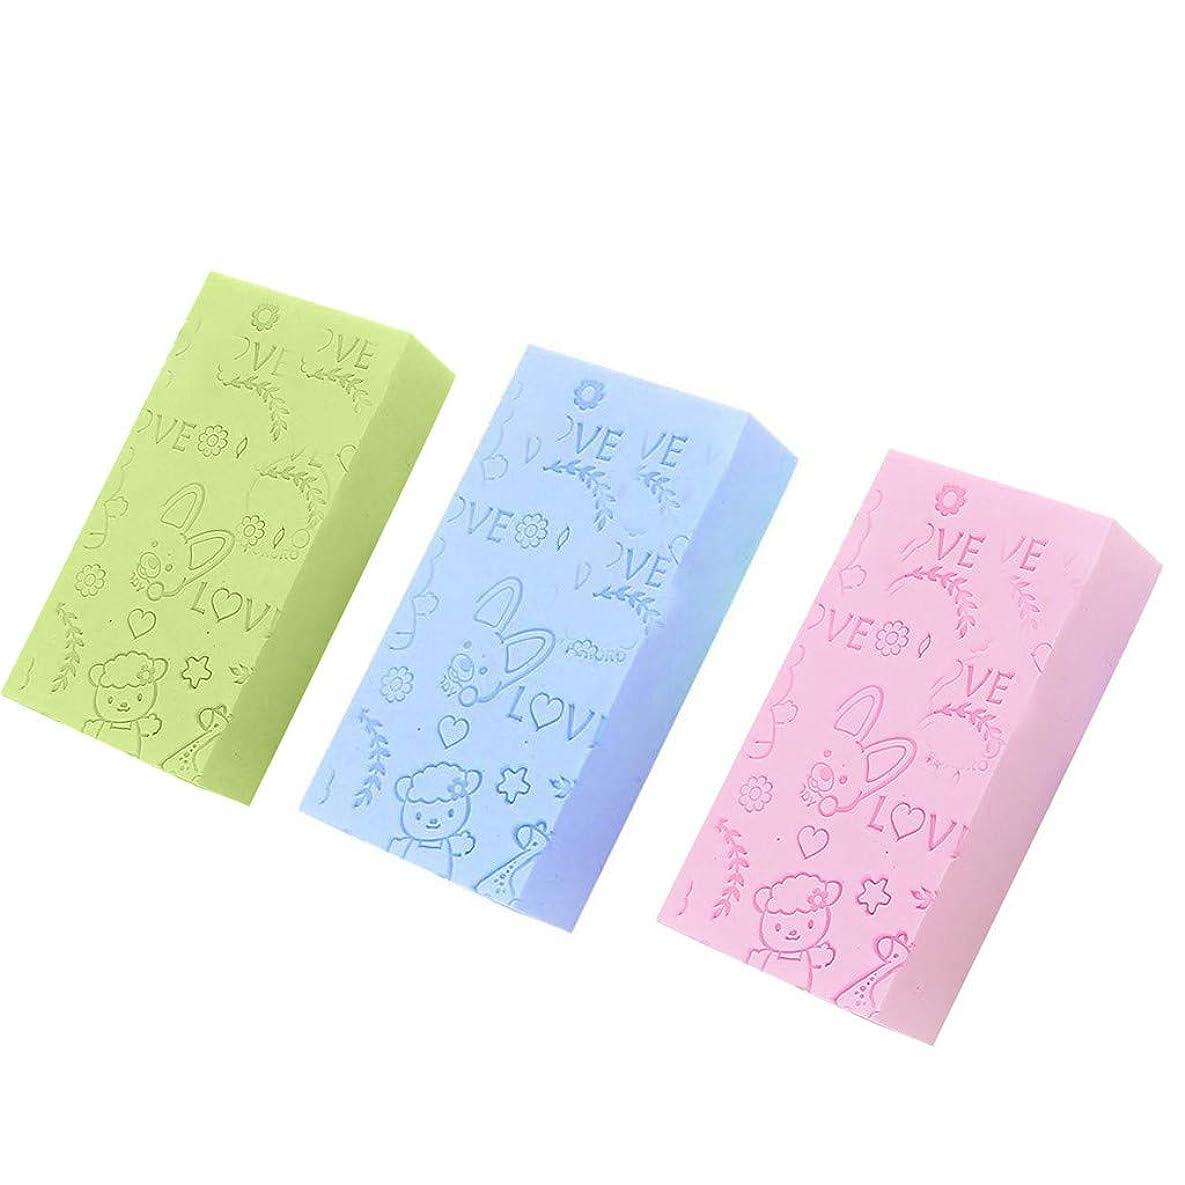 バススポンジ、ボディマッサージジェントルエクスフォリエイティングディープクレンジングベビーアダルトオイリー、ドライ、コンビネーションまたは敏感肌の使用に適しています3個(緑、ピンク、青) (3個, 多色)